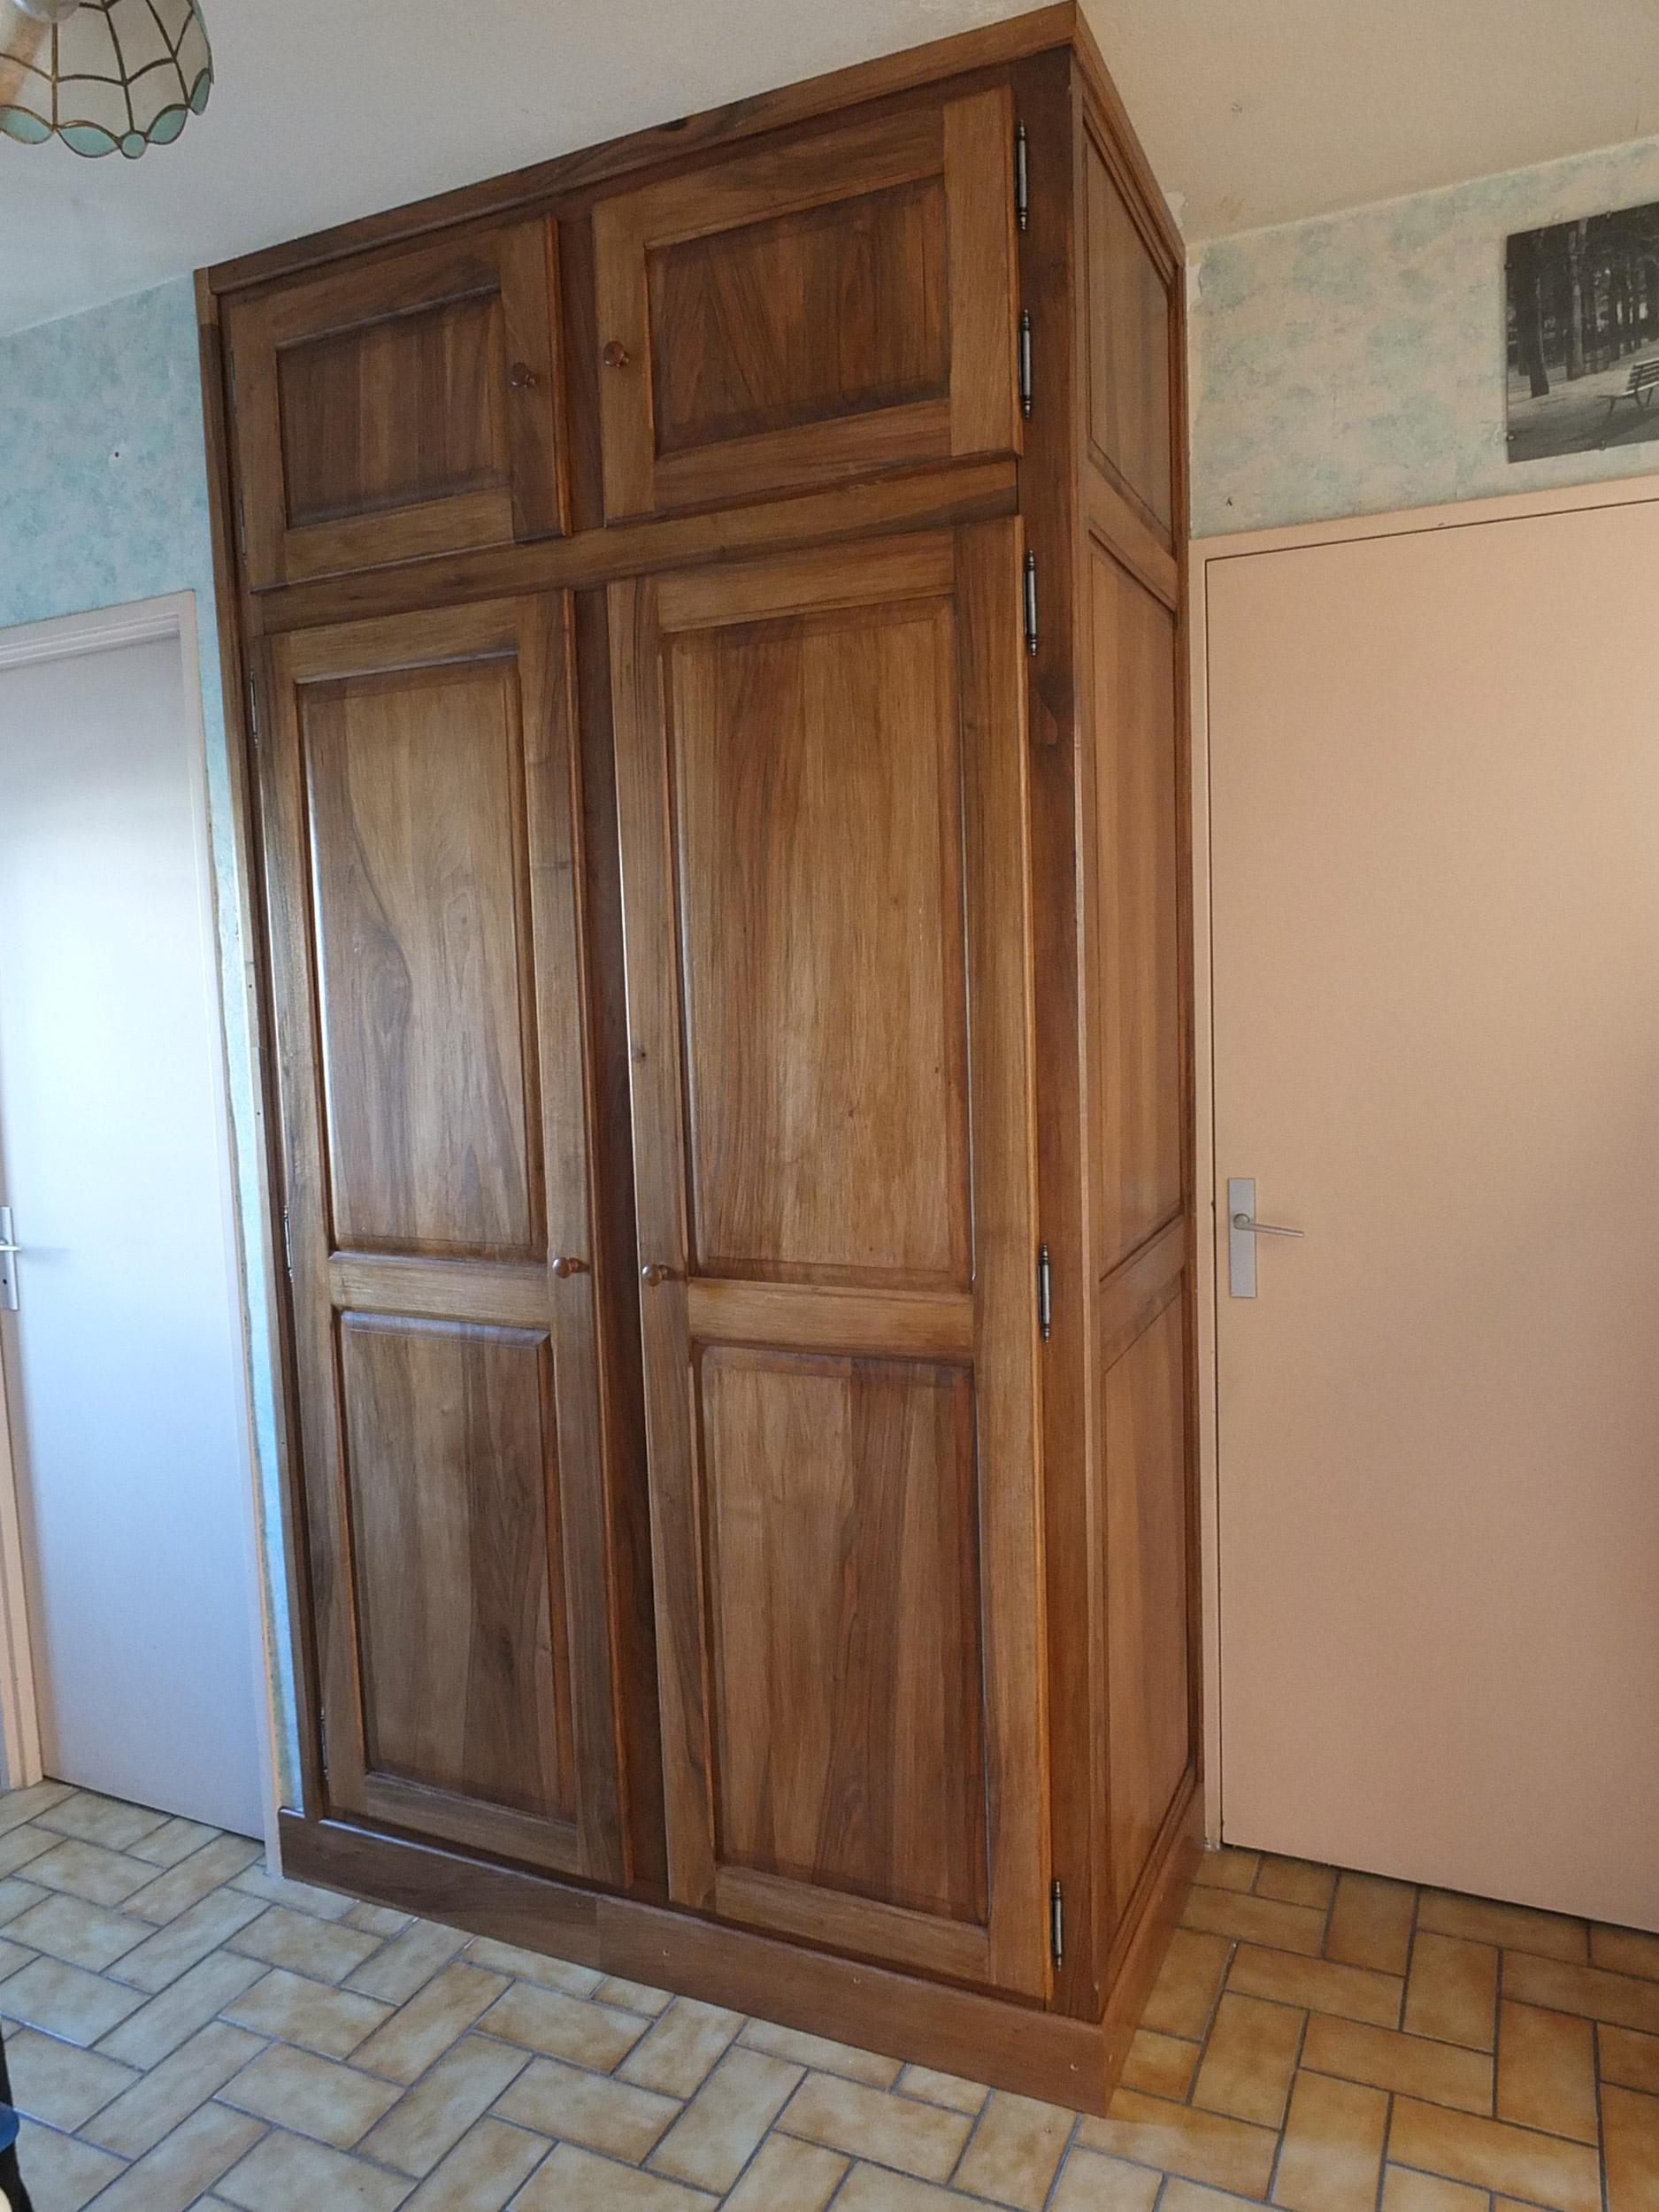 Placard D 39 Un Couloir D 39 Entr E Bois Le Bouvet